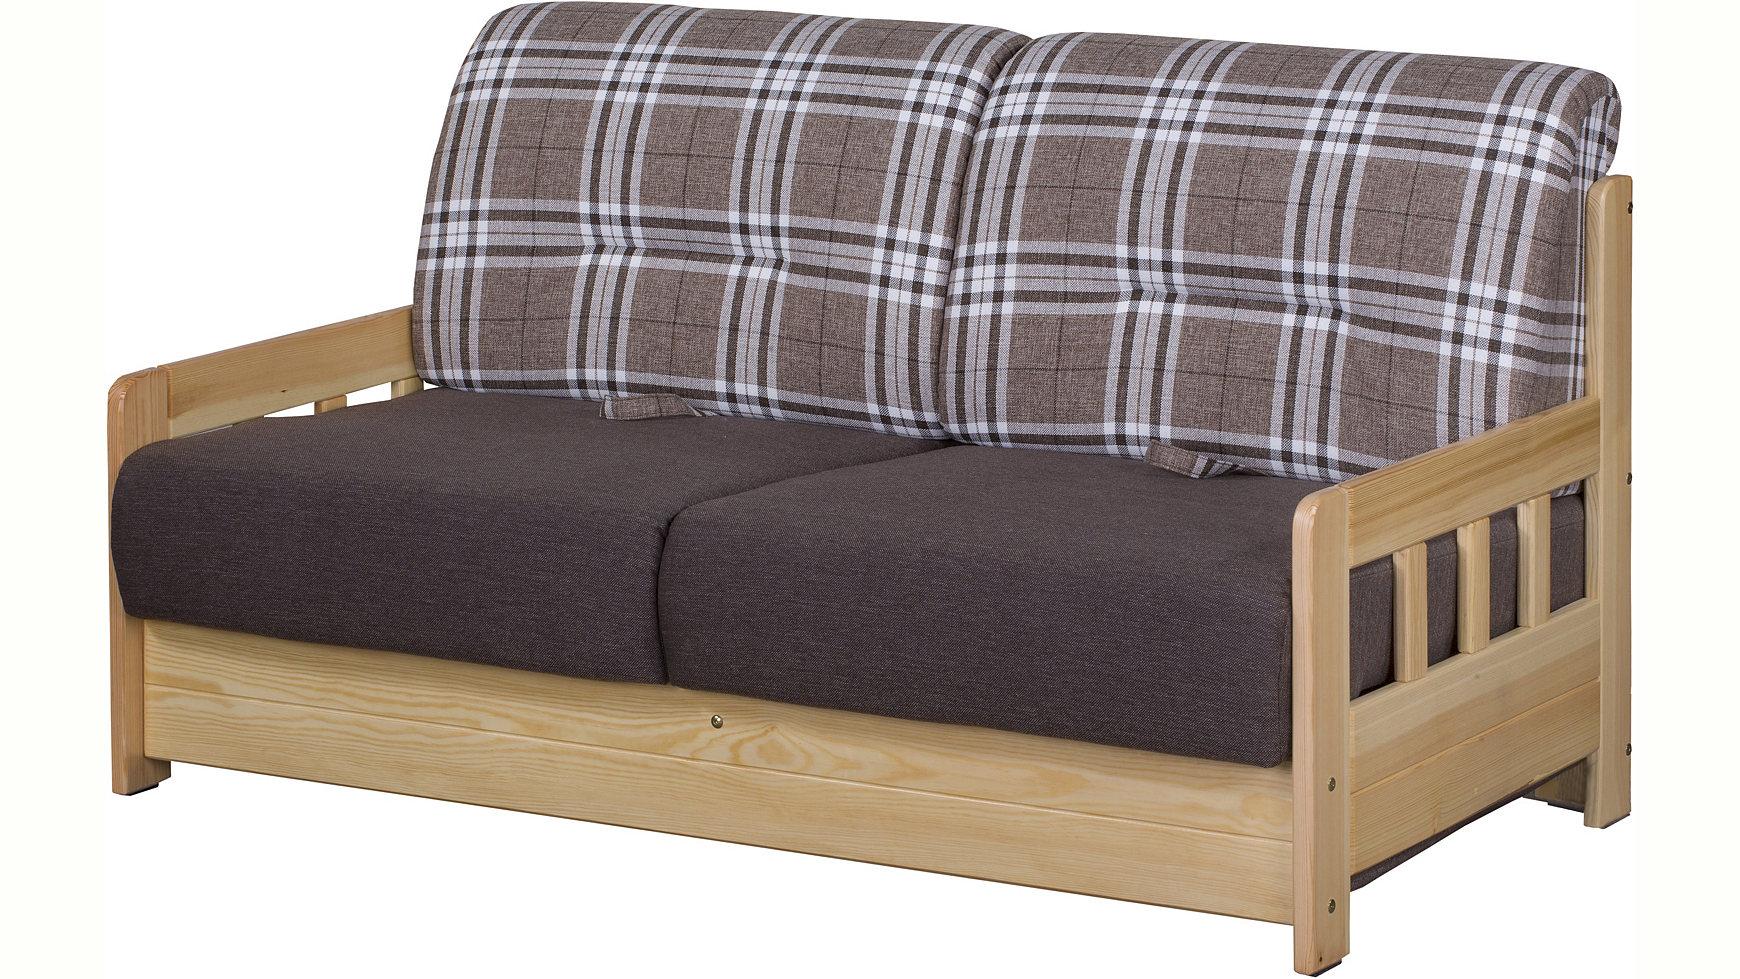 Full Size of 2 Sitzer Sofa Gemtliches 2er Online Kaufen Bei Cnouchde Bett Mit Stauraum 160x200 Xxl Grau Kissen Tom Tailor Muuto L Schlaffunktion 180x200 3 Relaxfunktion Sofa 2 Sitzer Sofa Mit Schlaffunktion